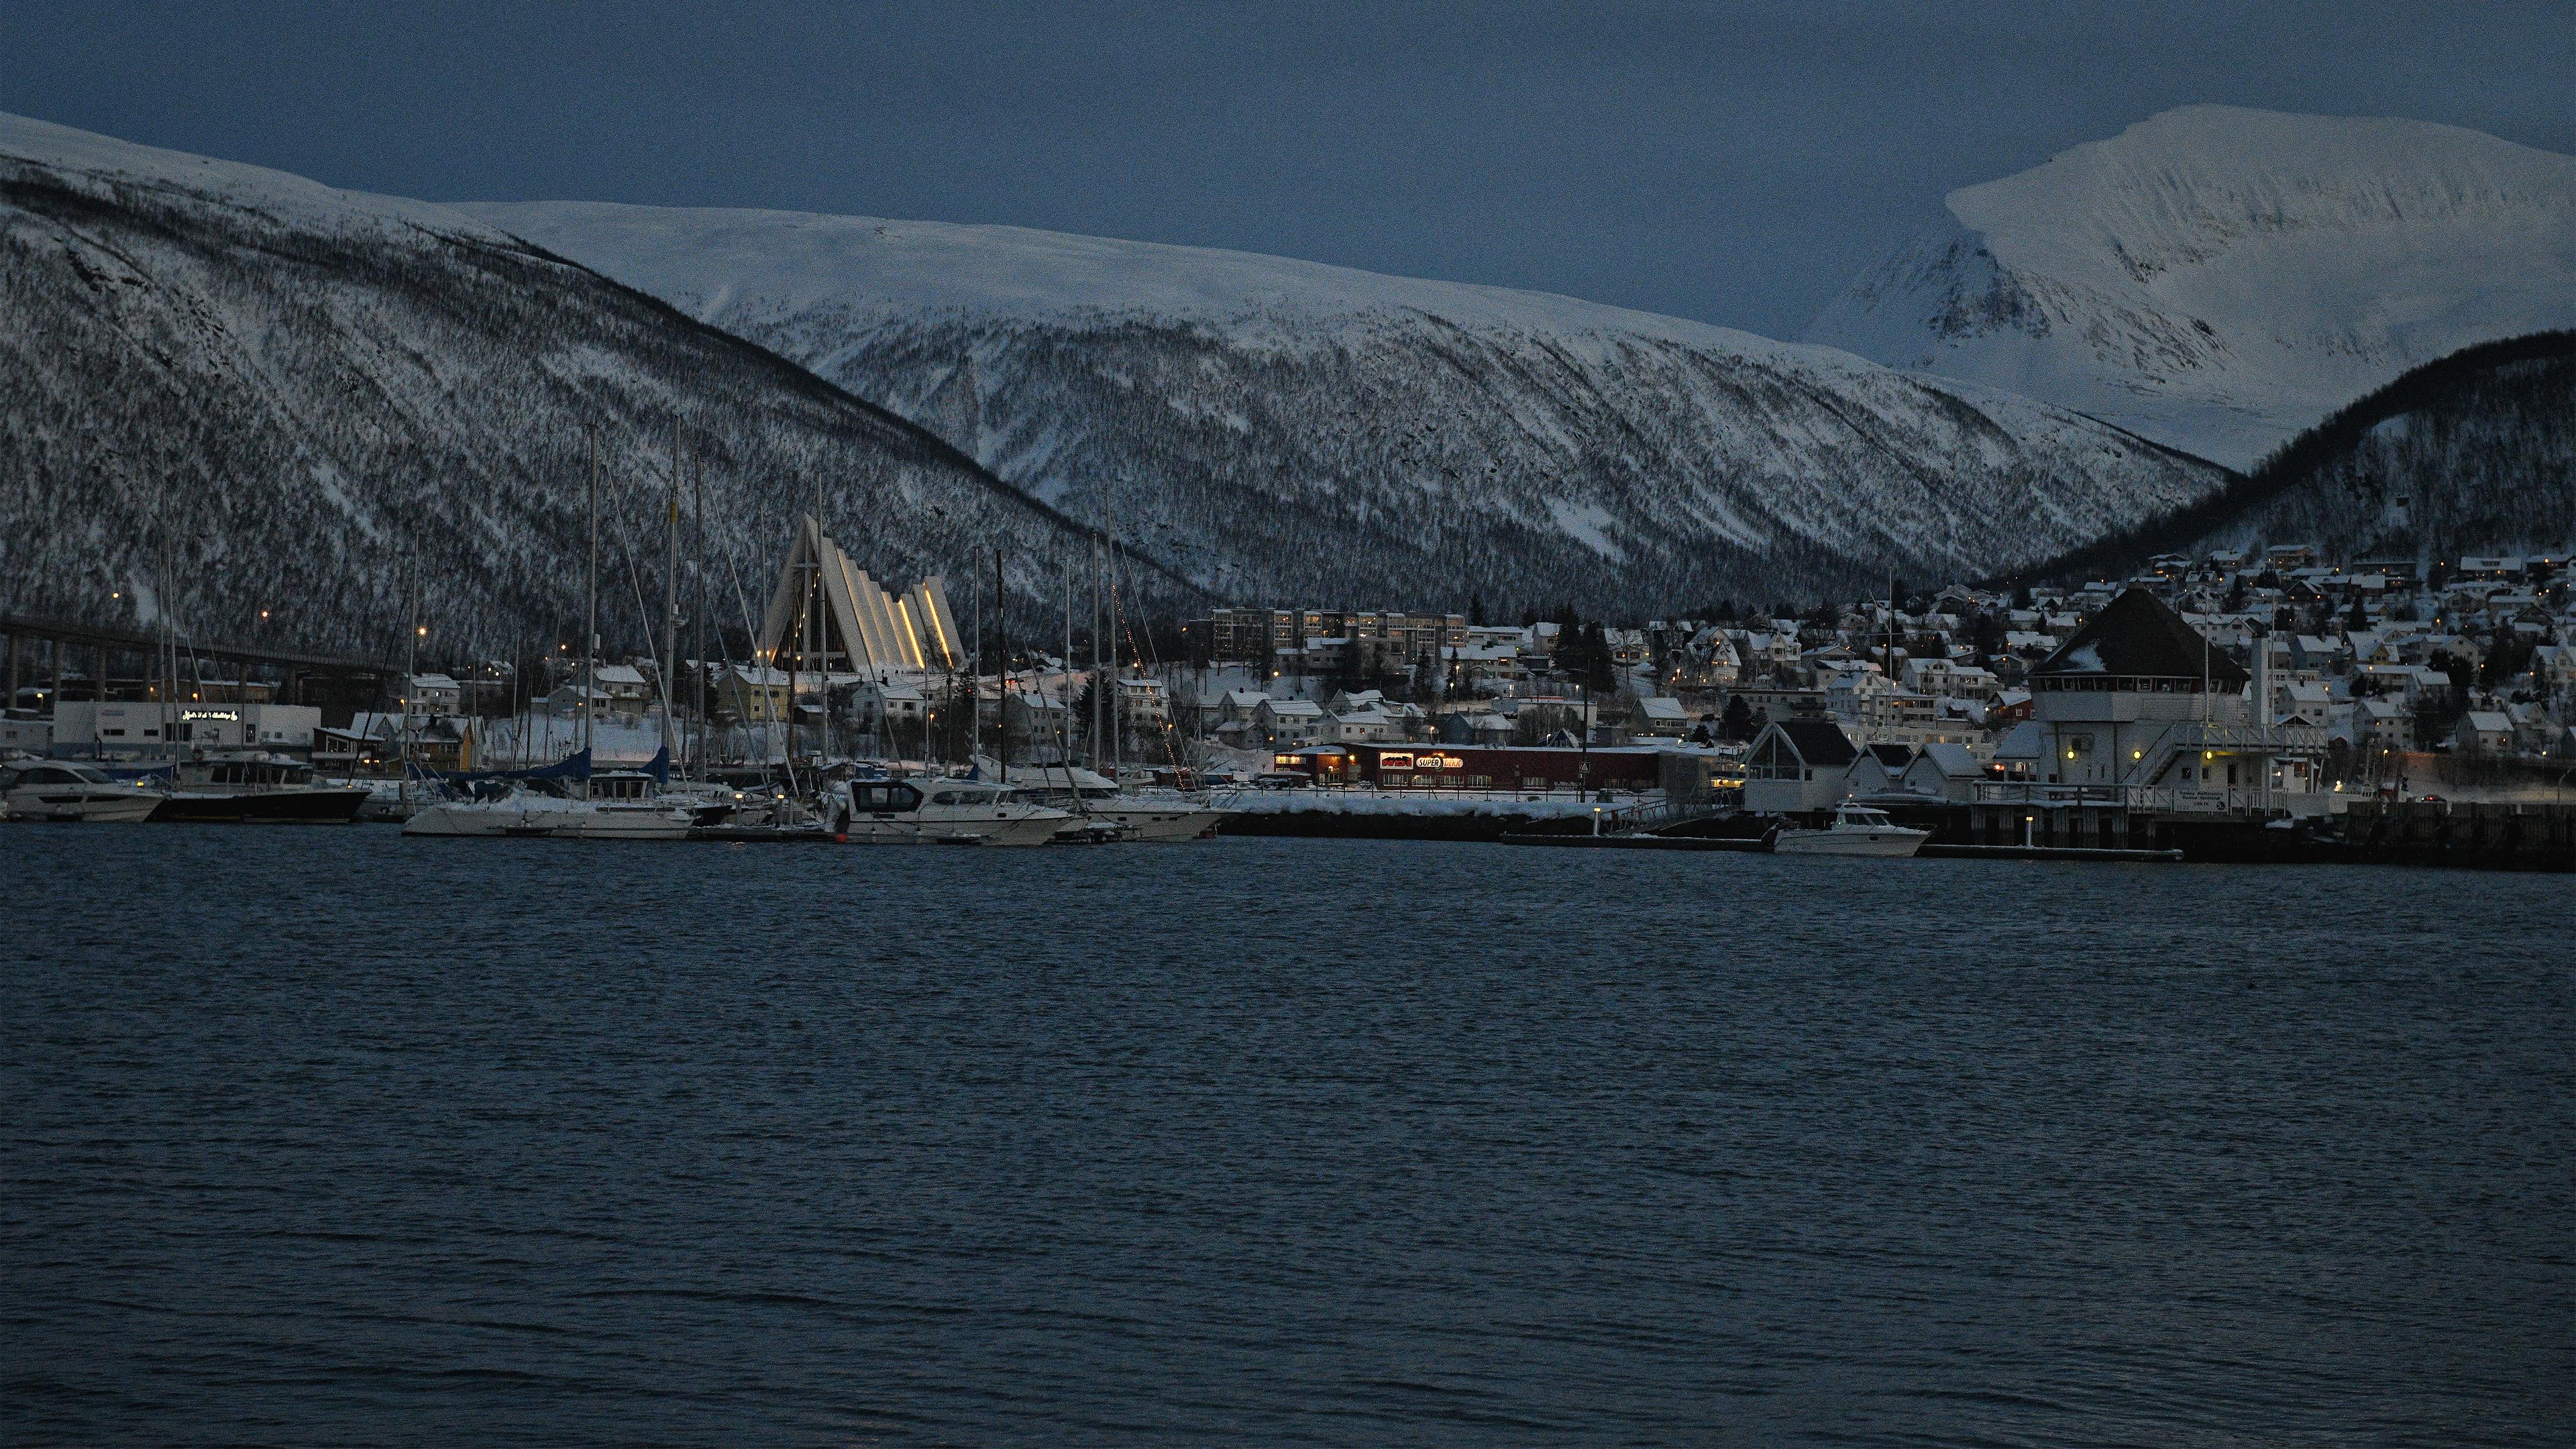 Night Time in Tromso